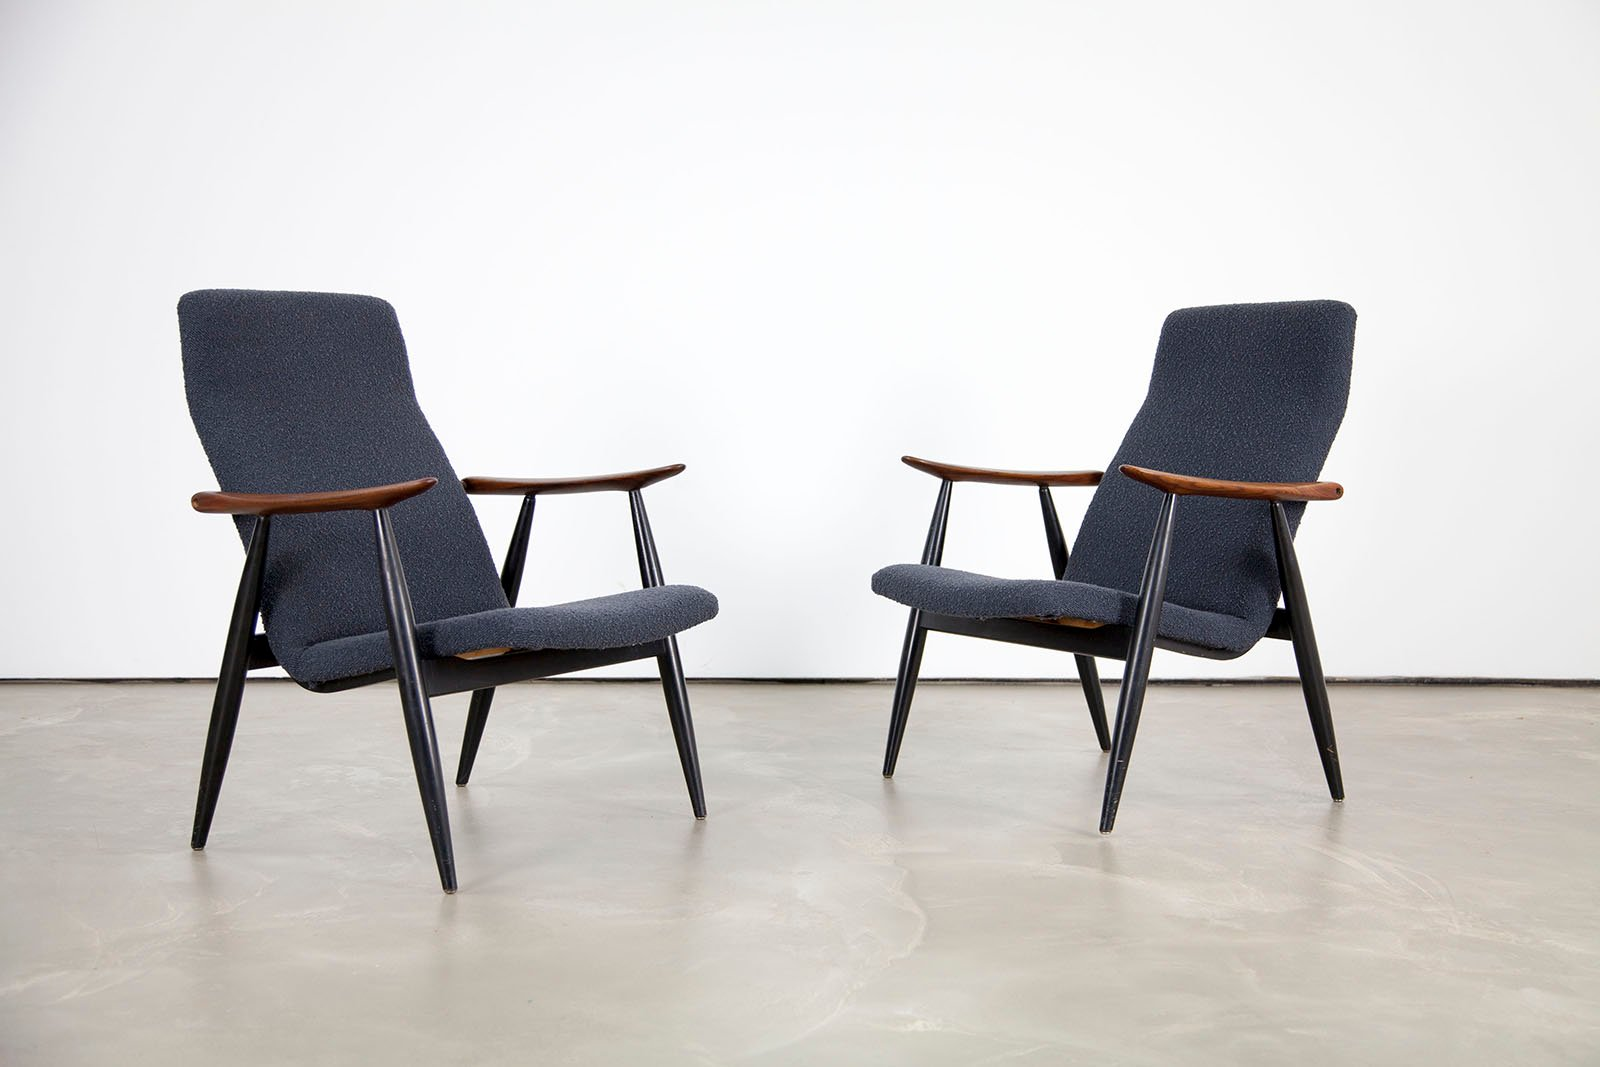 chaise longue vintage scandinave en teck par olli borg pour asko en vente sur pamono. Black Bedroom Furniture Sets. Home Design Ideas